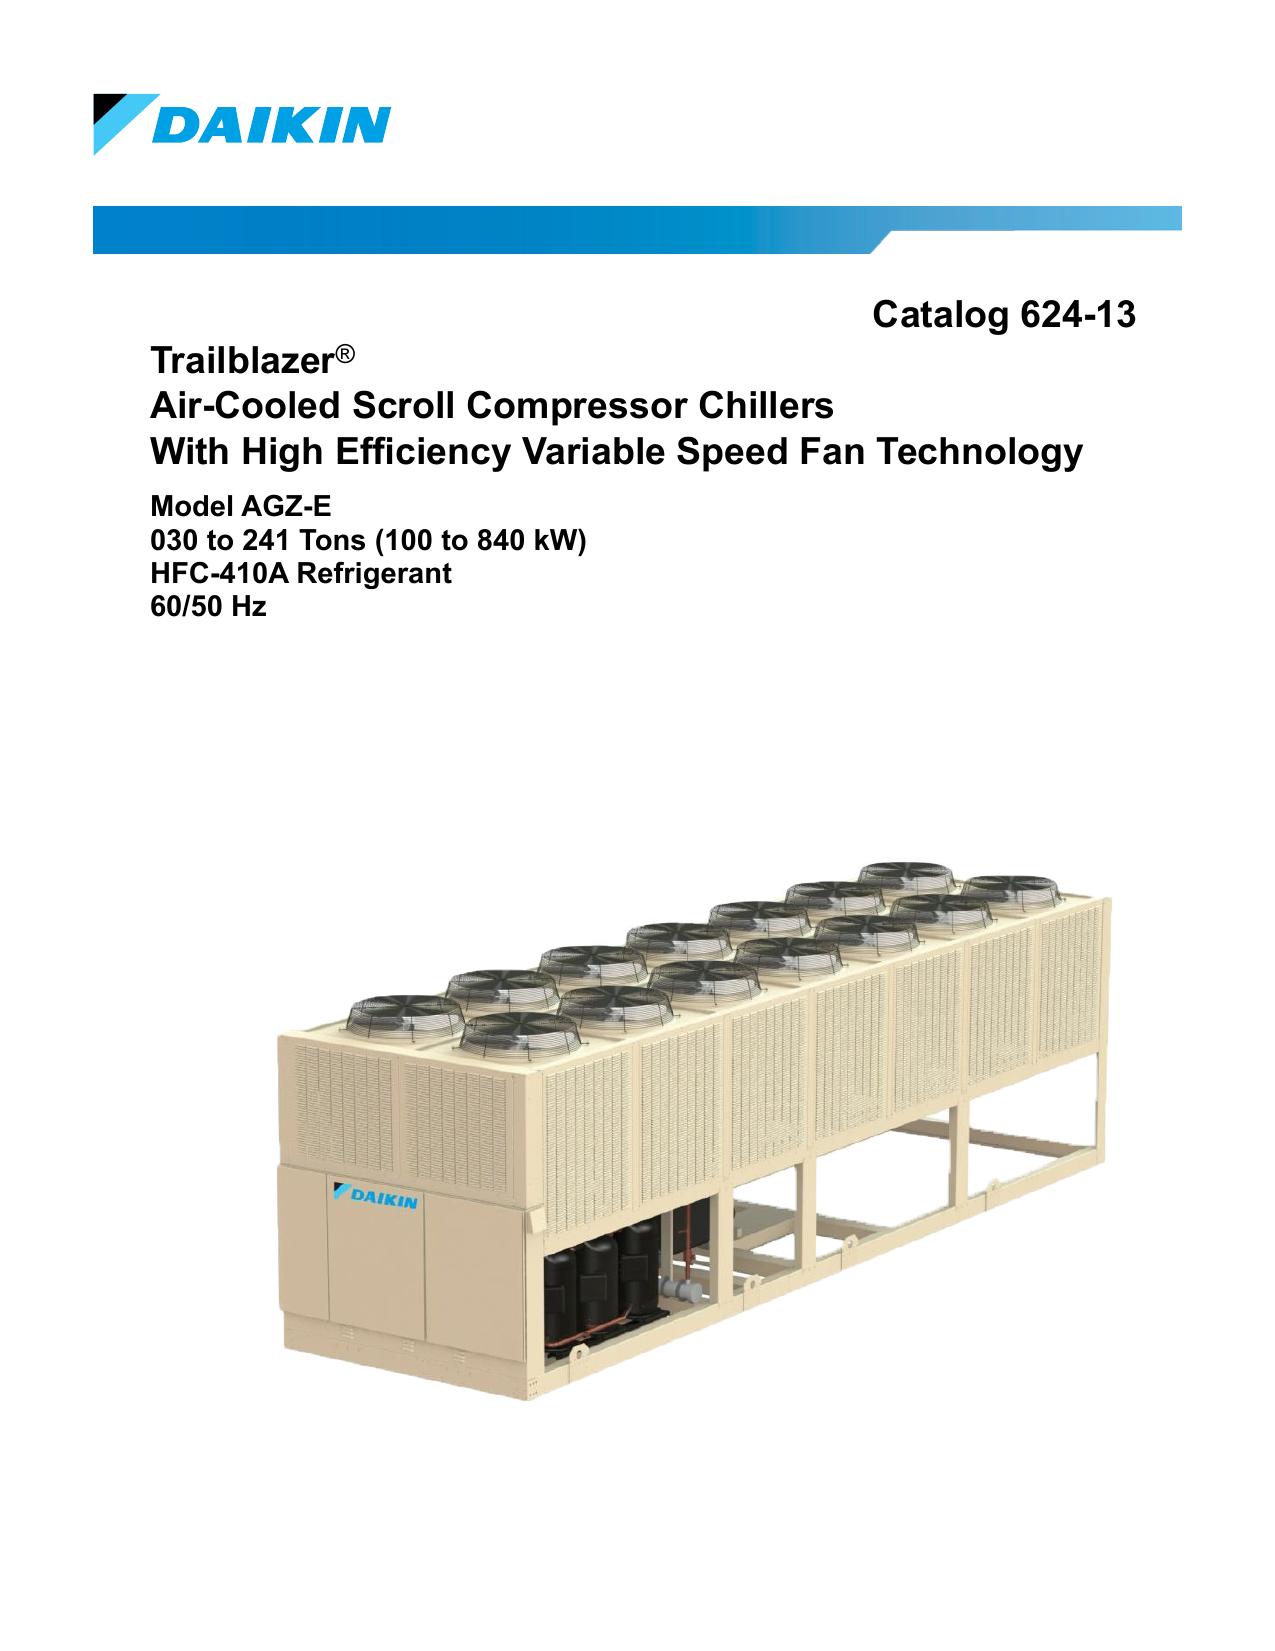 Catalog 624-13 Trailblazer® Air-Cooled Scroll | manualzz com